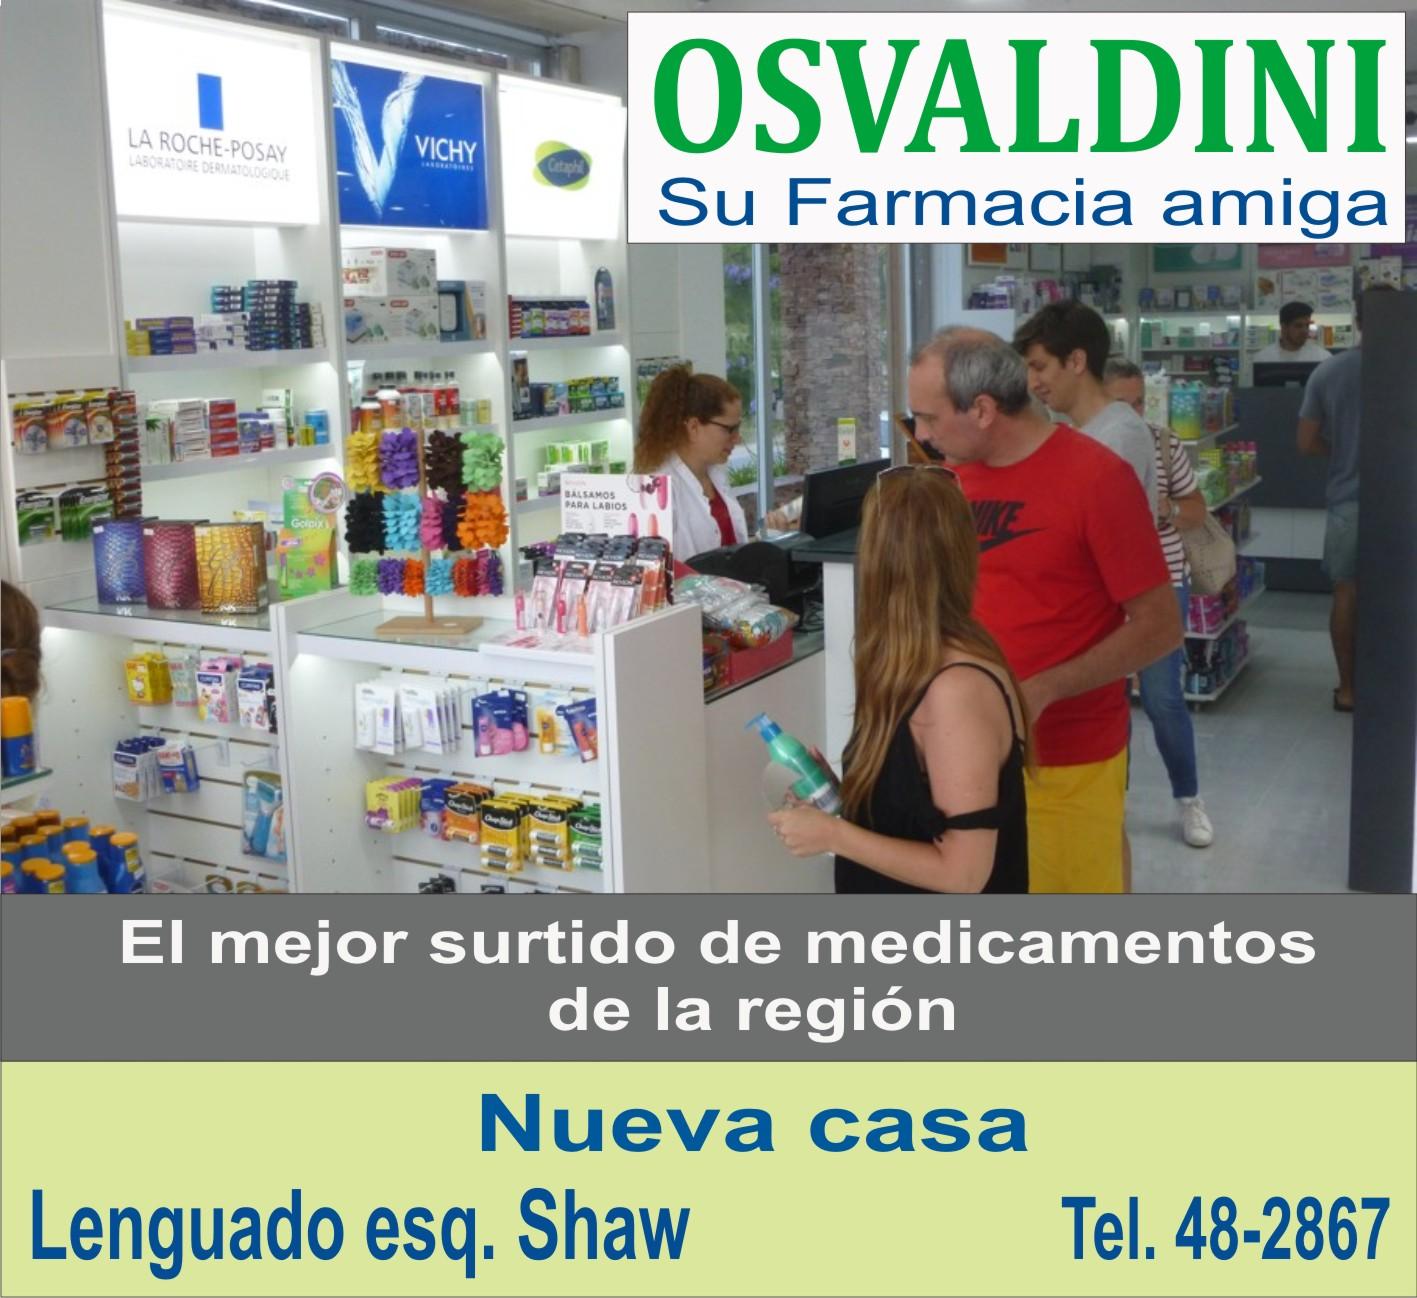 Farmacia Osvaldini